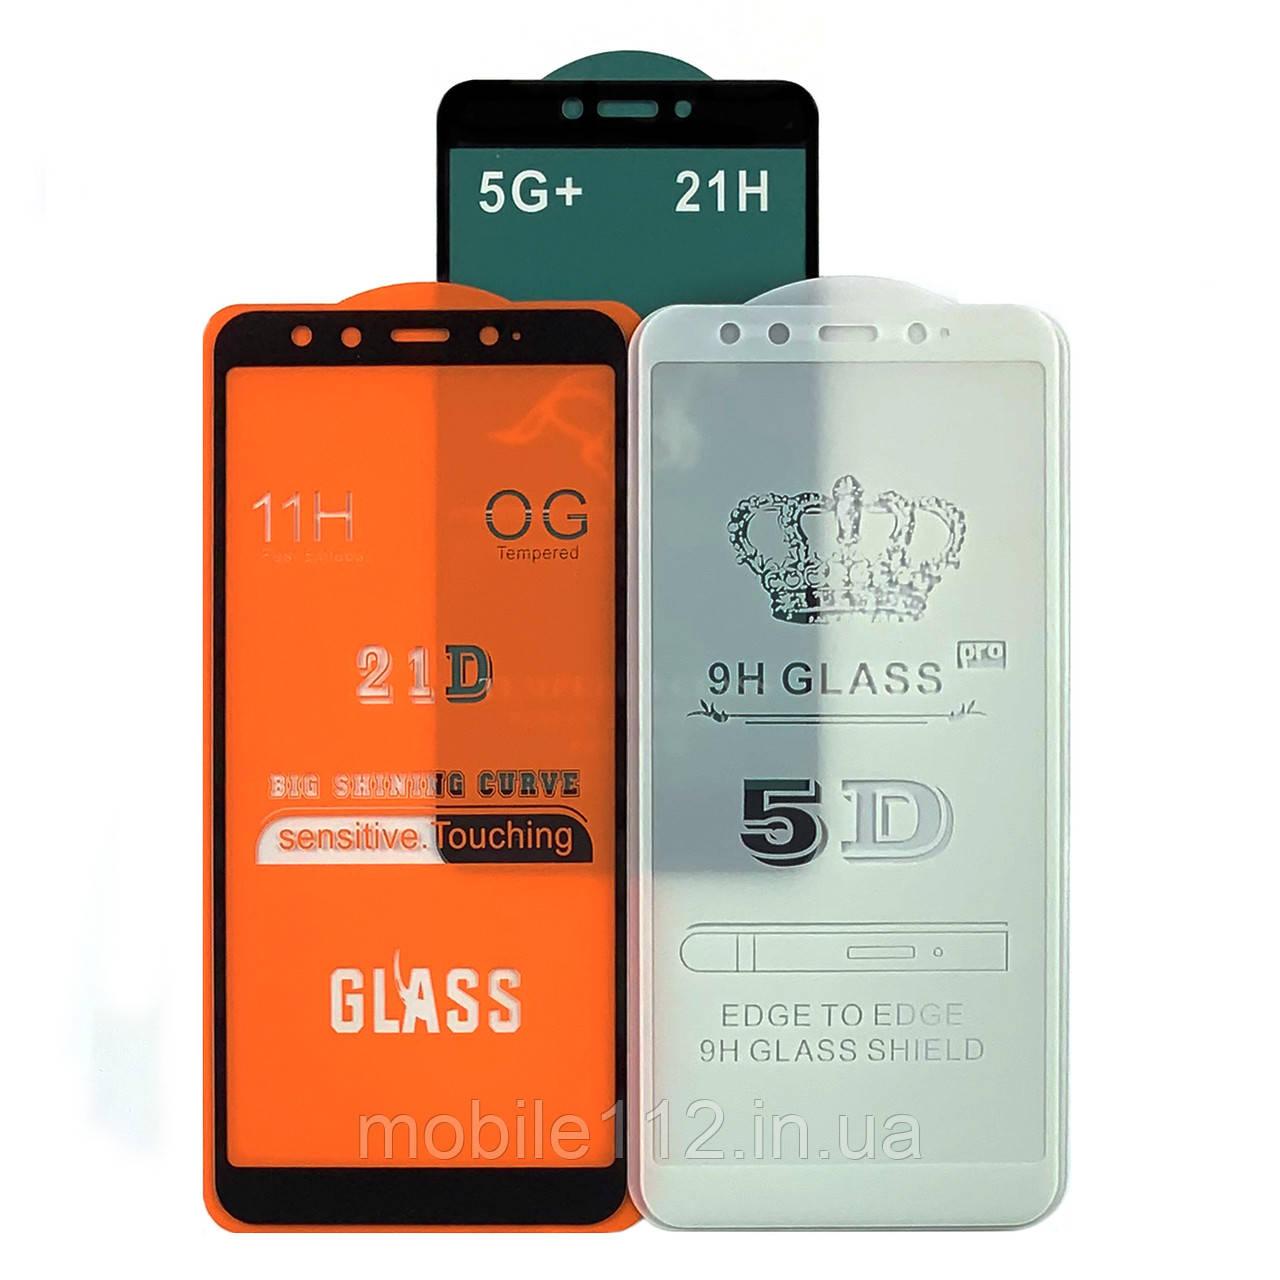 Захисне скло Samsung Galaxy J7 2017 J730F біле 5D Full Glue